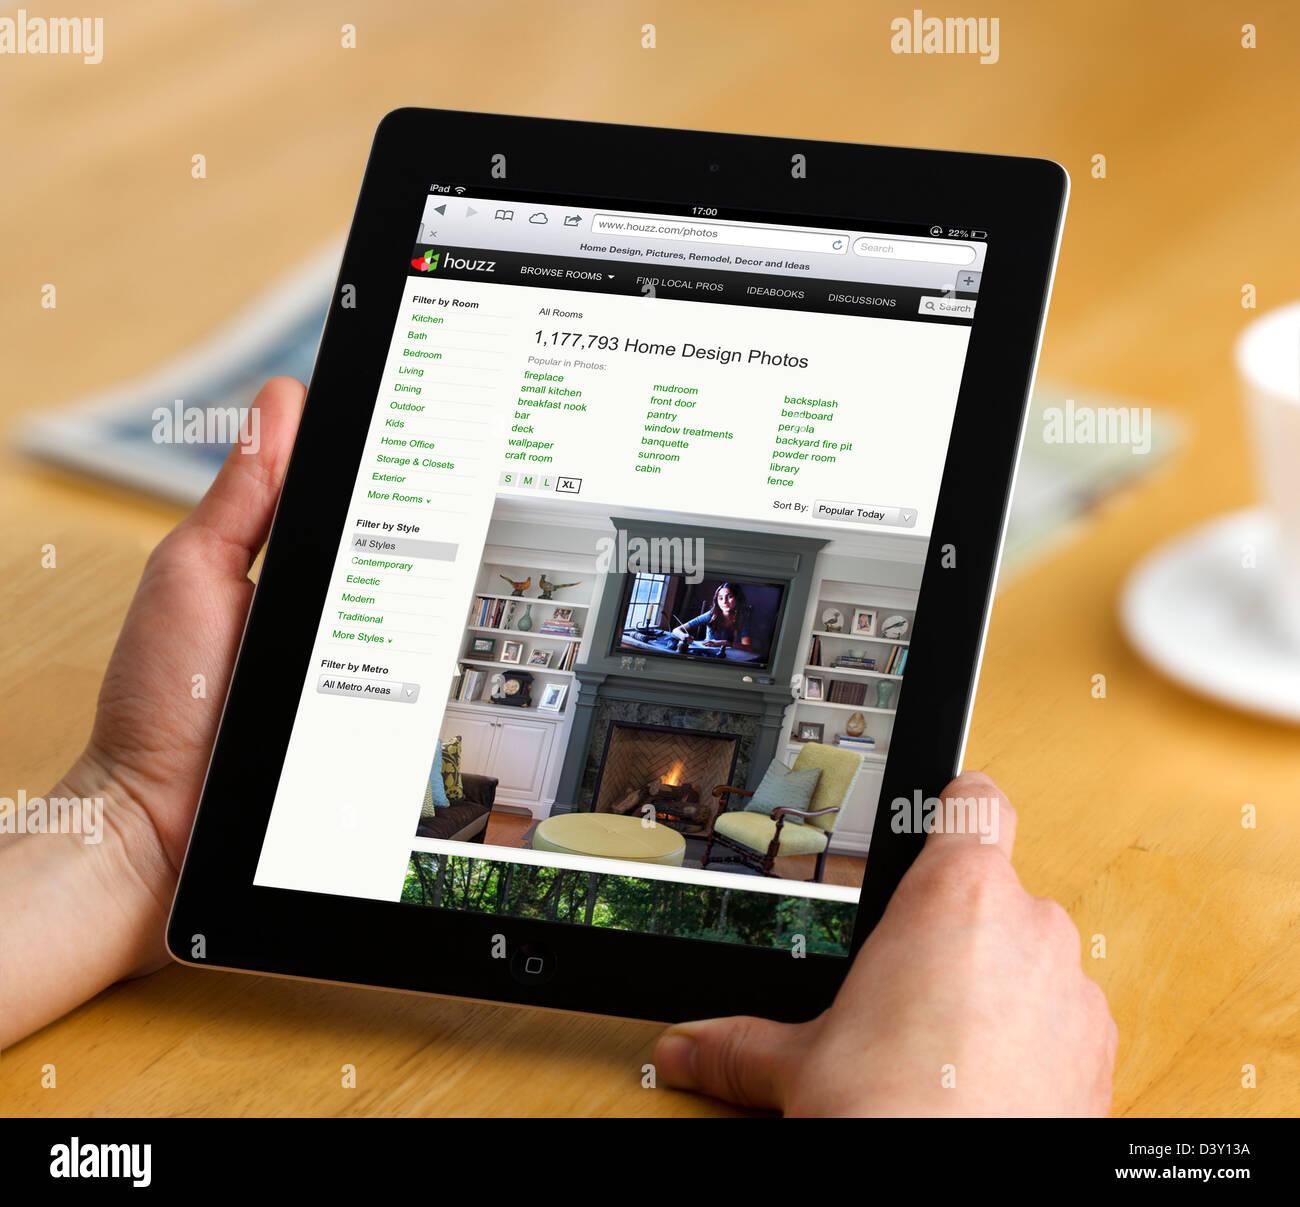 El diseño, la arquitectura y la Houzz.com home improvement sitio visto en un iPad 4 Imagen De Stock